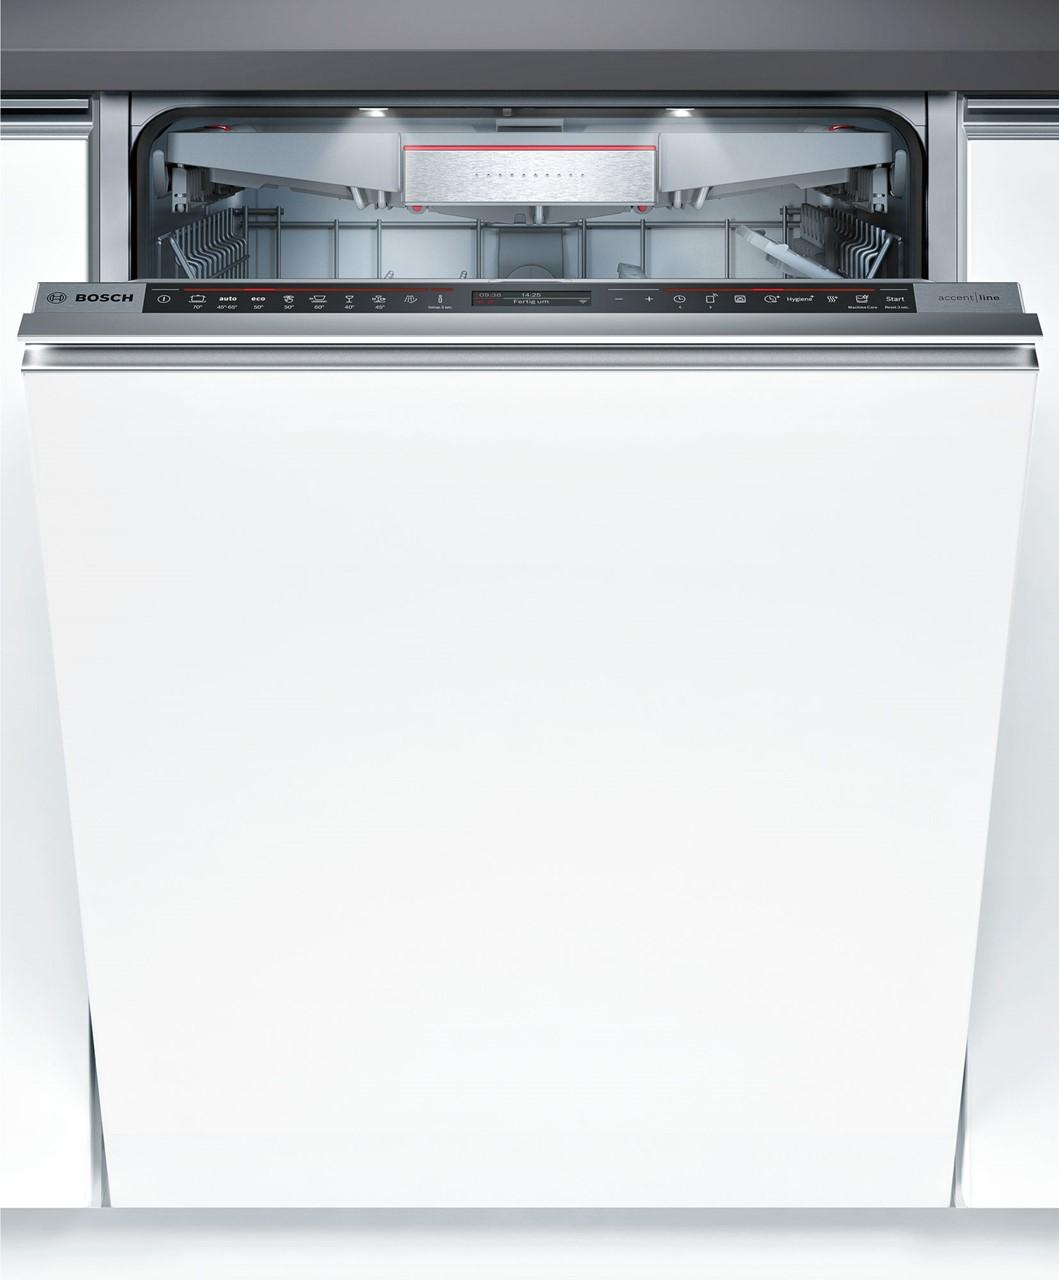 Bosch Vollintegrierter Geschirrspuler 60cm Sba88td16e Silver Tech